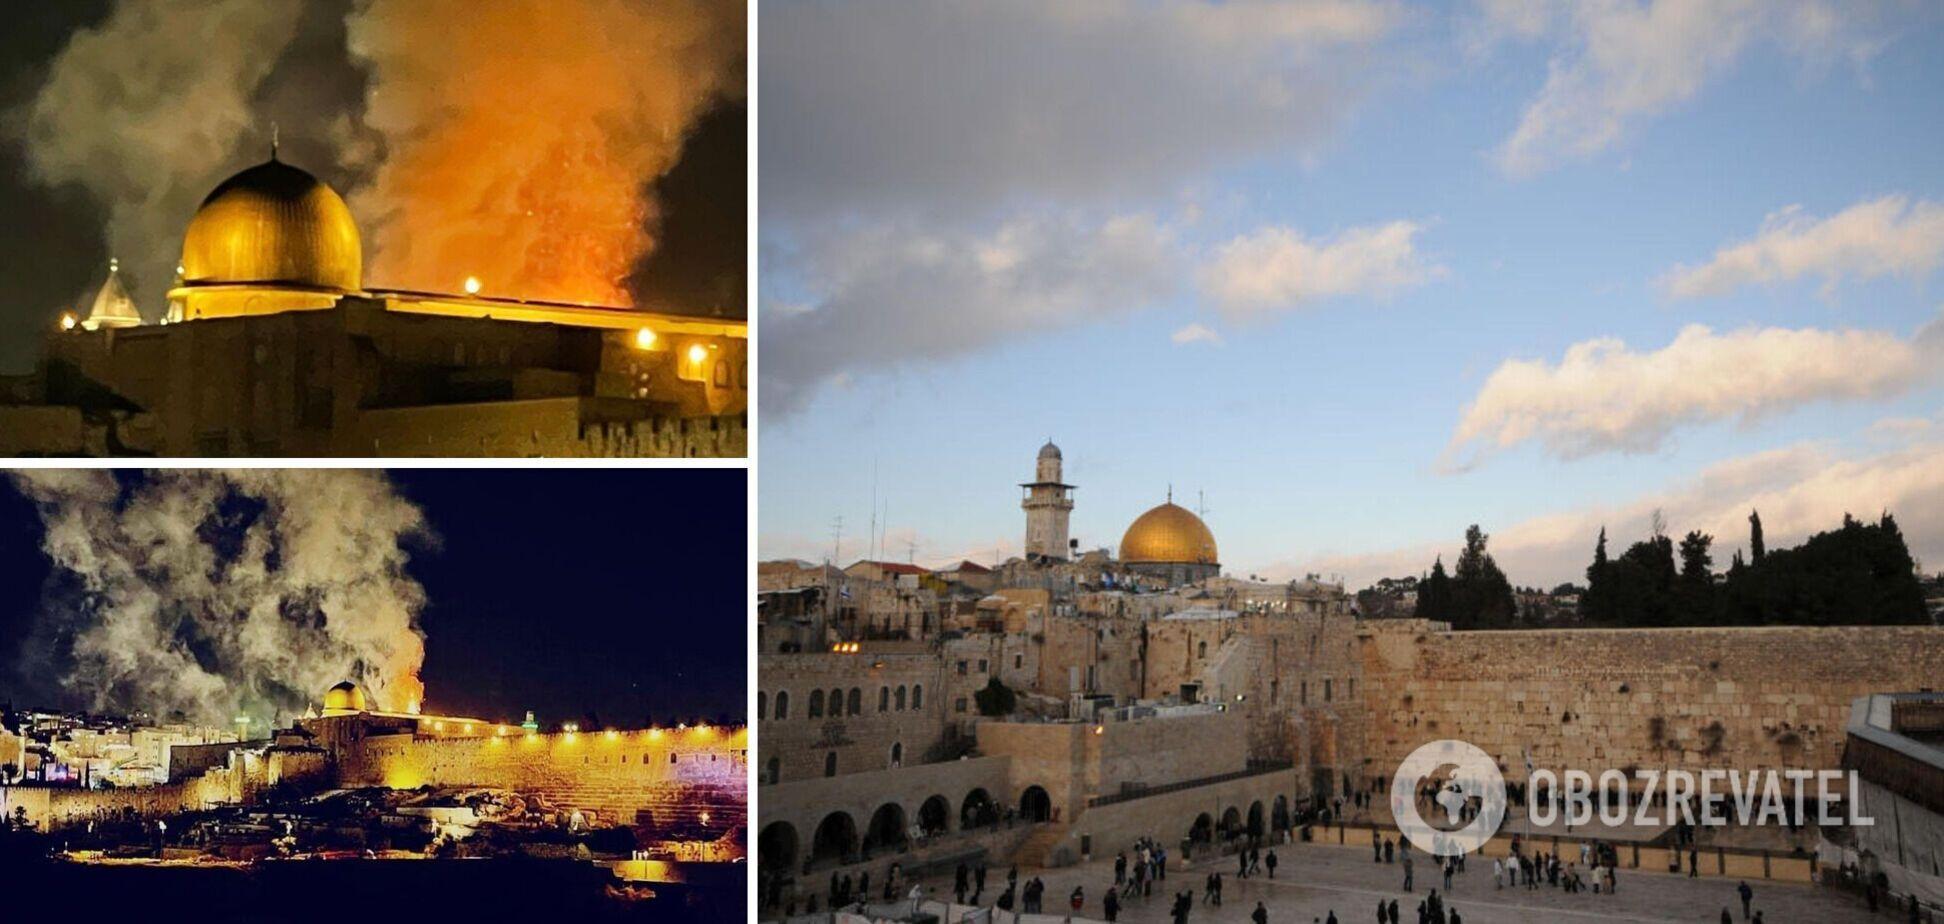 На Храмовой горе в Израиле после ракетного обстрела вспыхнул пожар. Видео